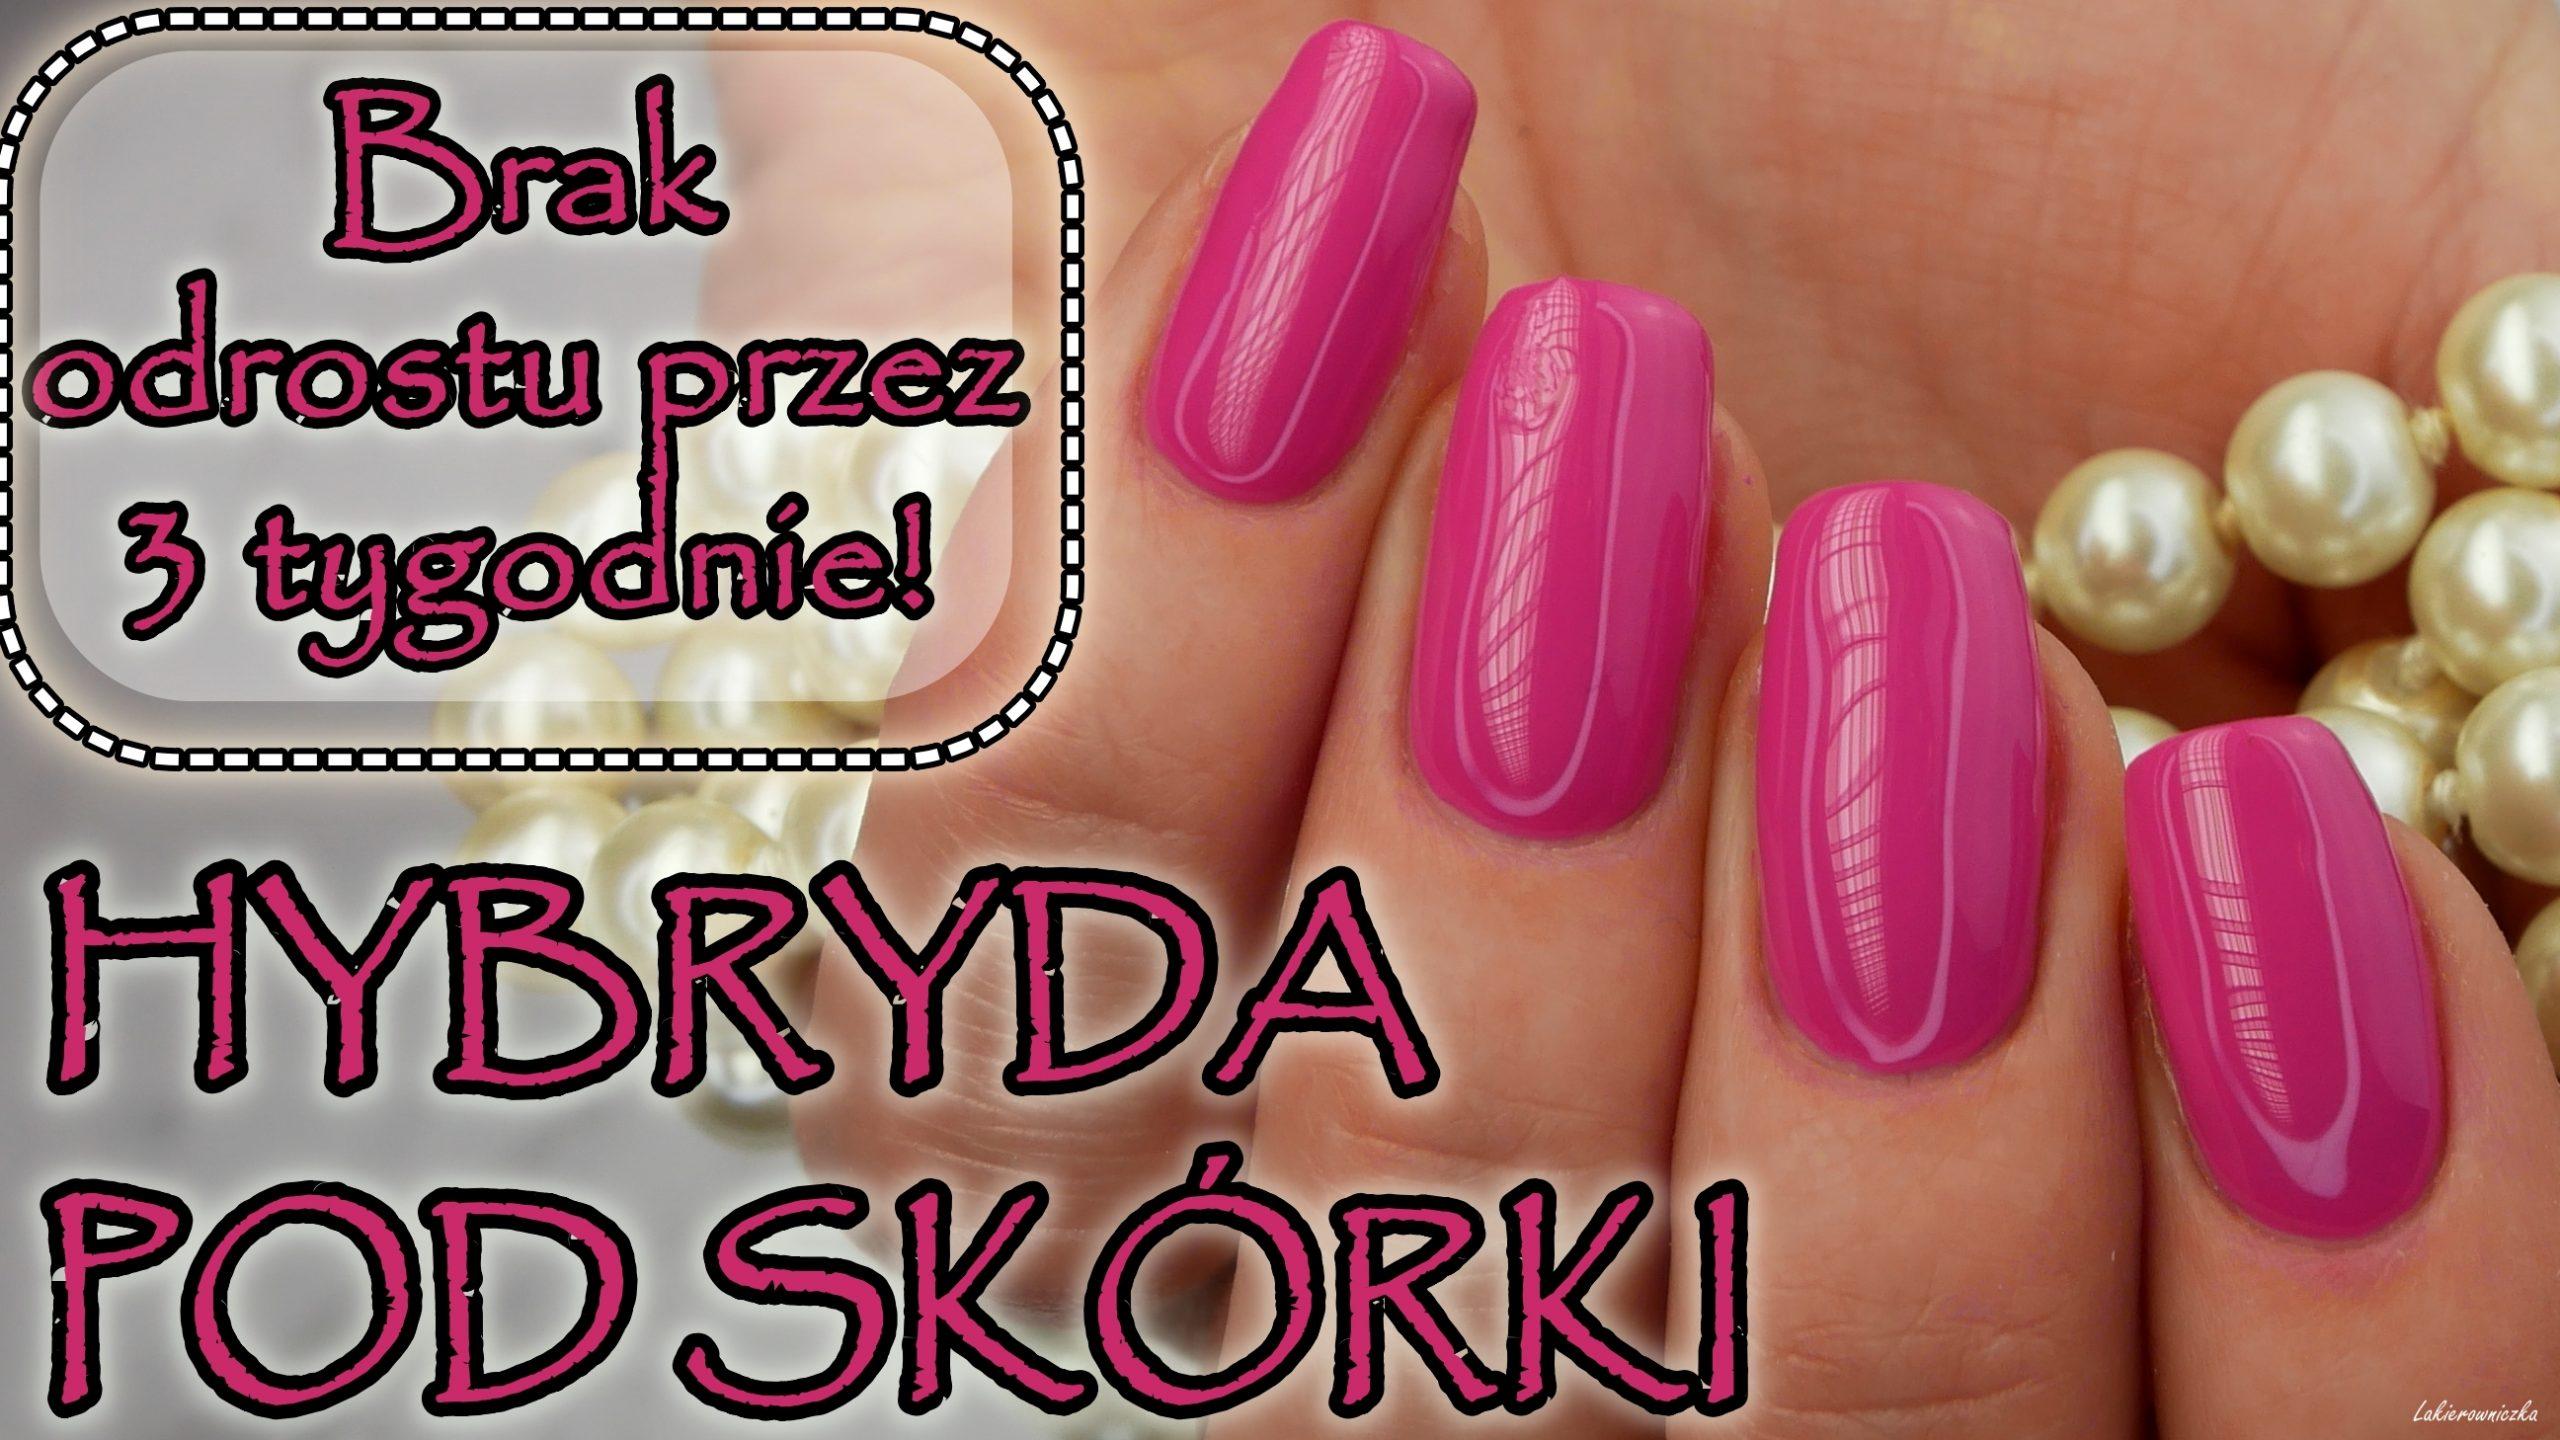 hybryda-pod-skorki-lakier-paznokcie-kolor-Lakierowniczka